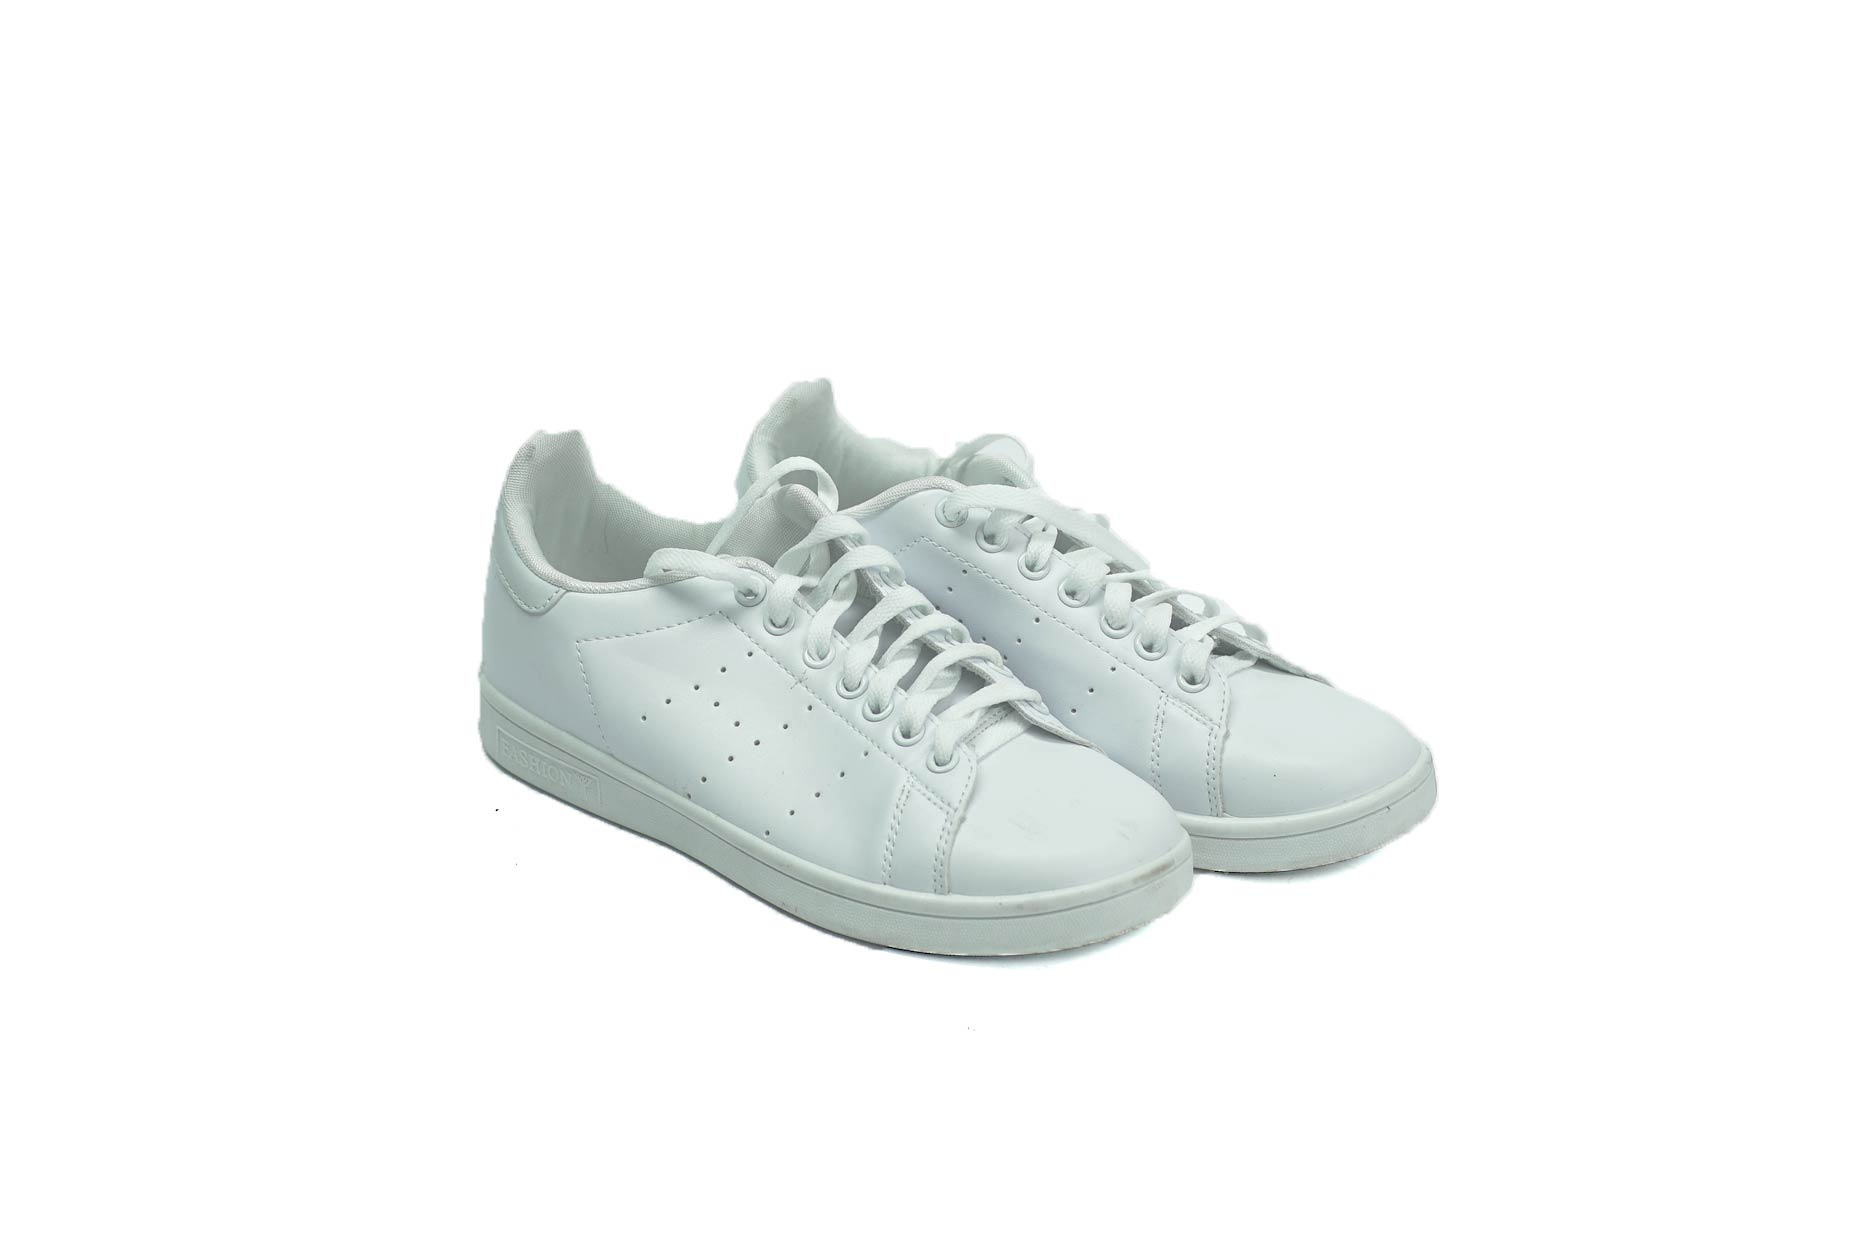 comprar online 2019 profesional entrega rápida Zapatos Blancos